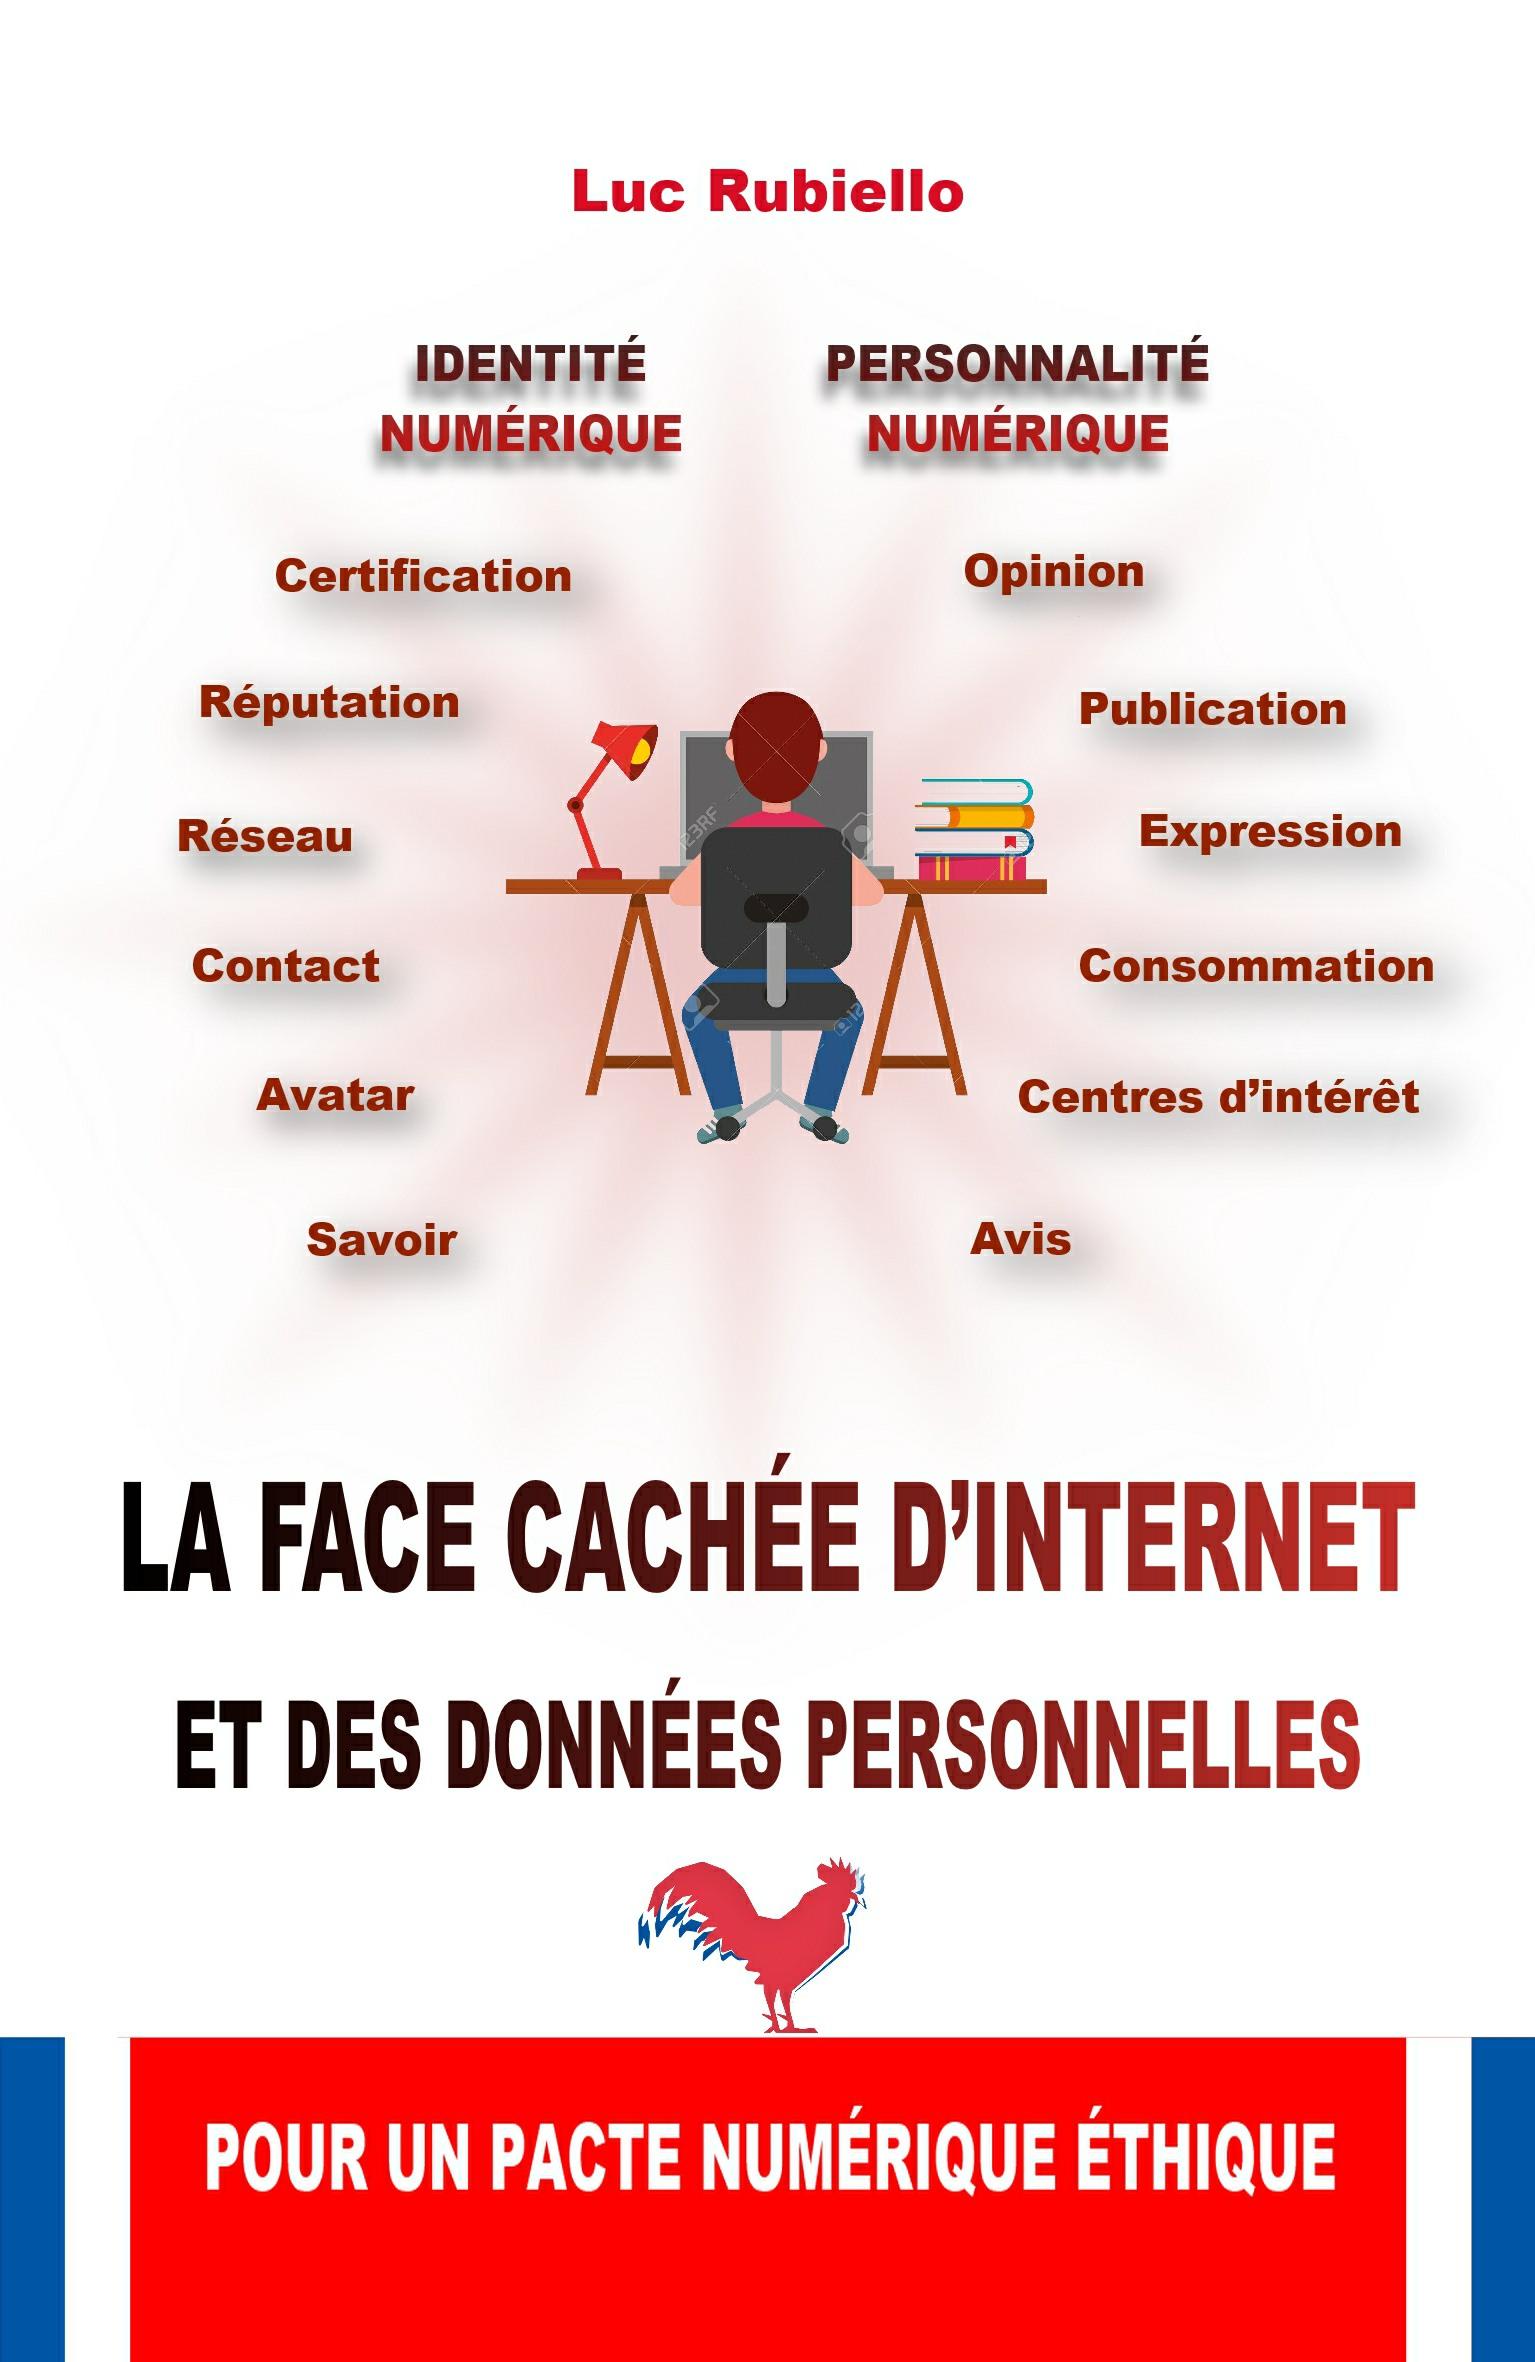 LA FACE CACHEE D'INTERNET ET DES DONNEES PERSONNELLES POUR UN PACTE NUMERIQUE ETHIQUE